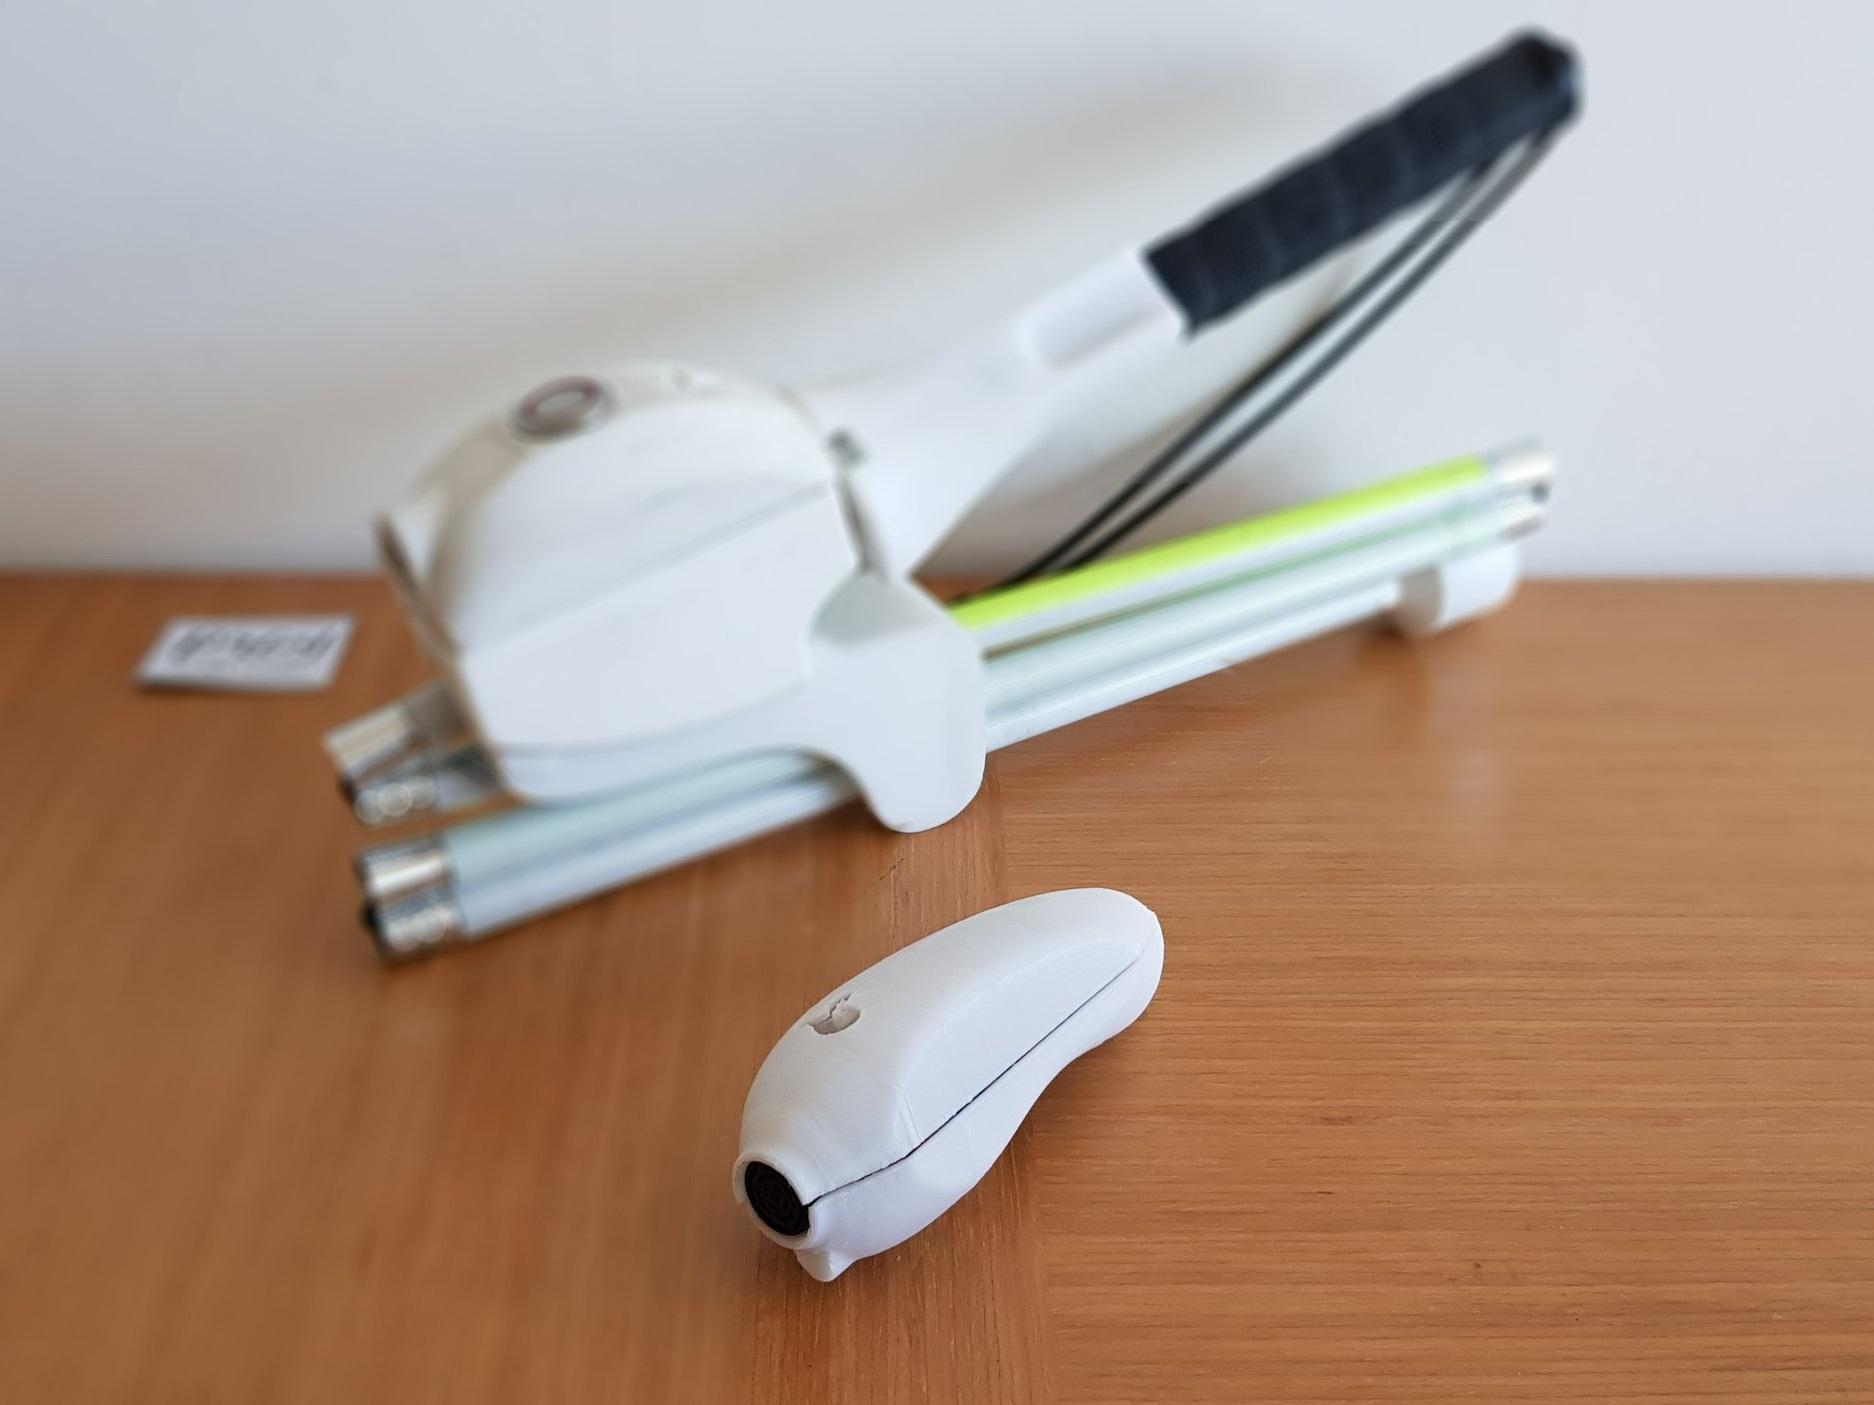 New+Compact+Cane+Prototype.jpg